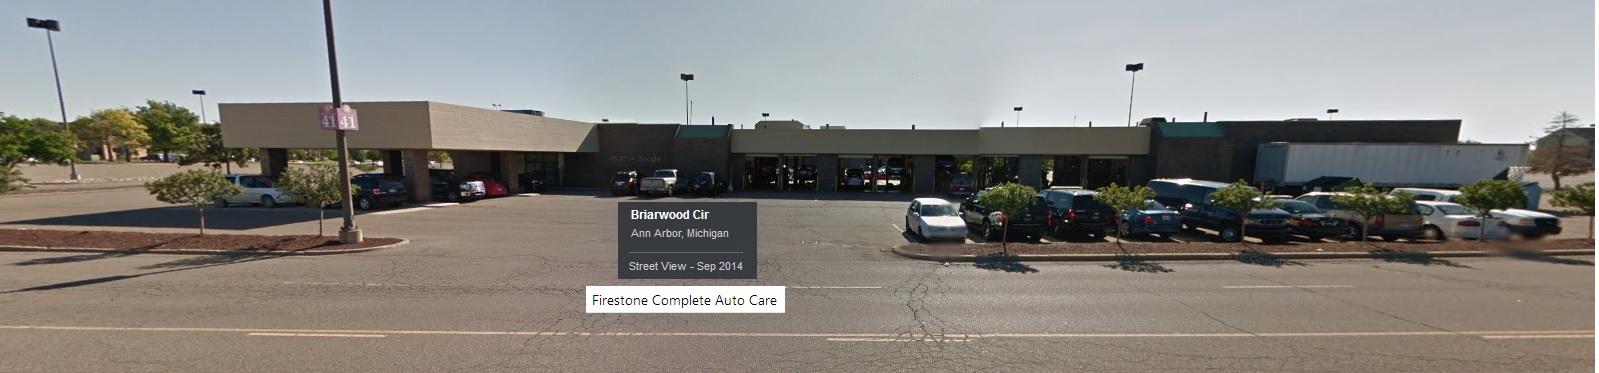 Firestone Complete Auto Care Google Earth Pihoto